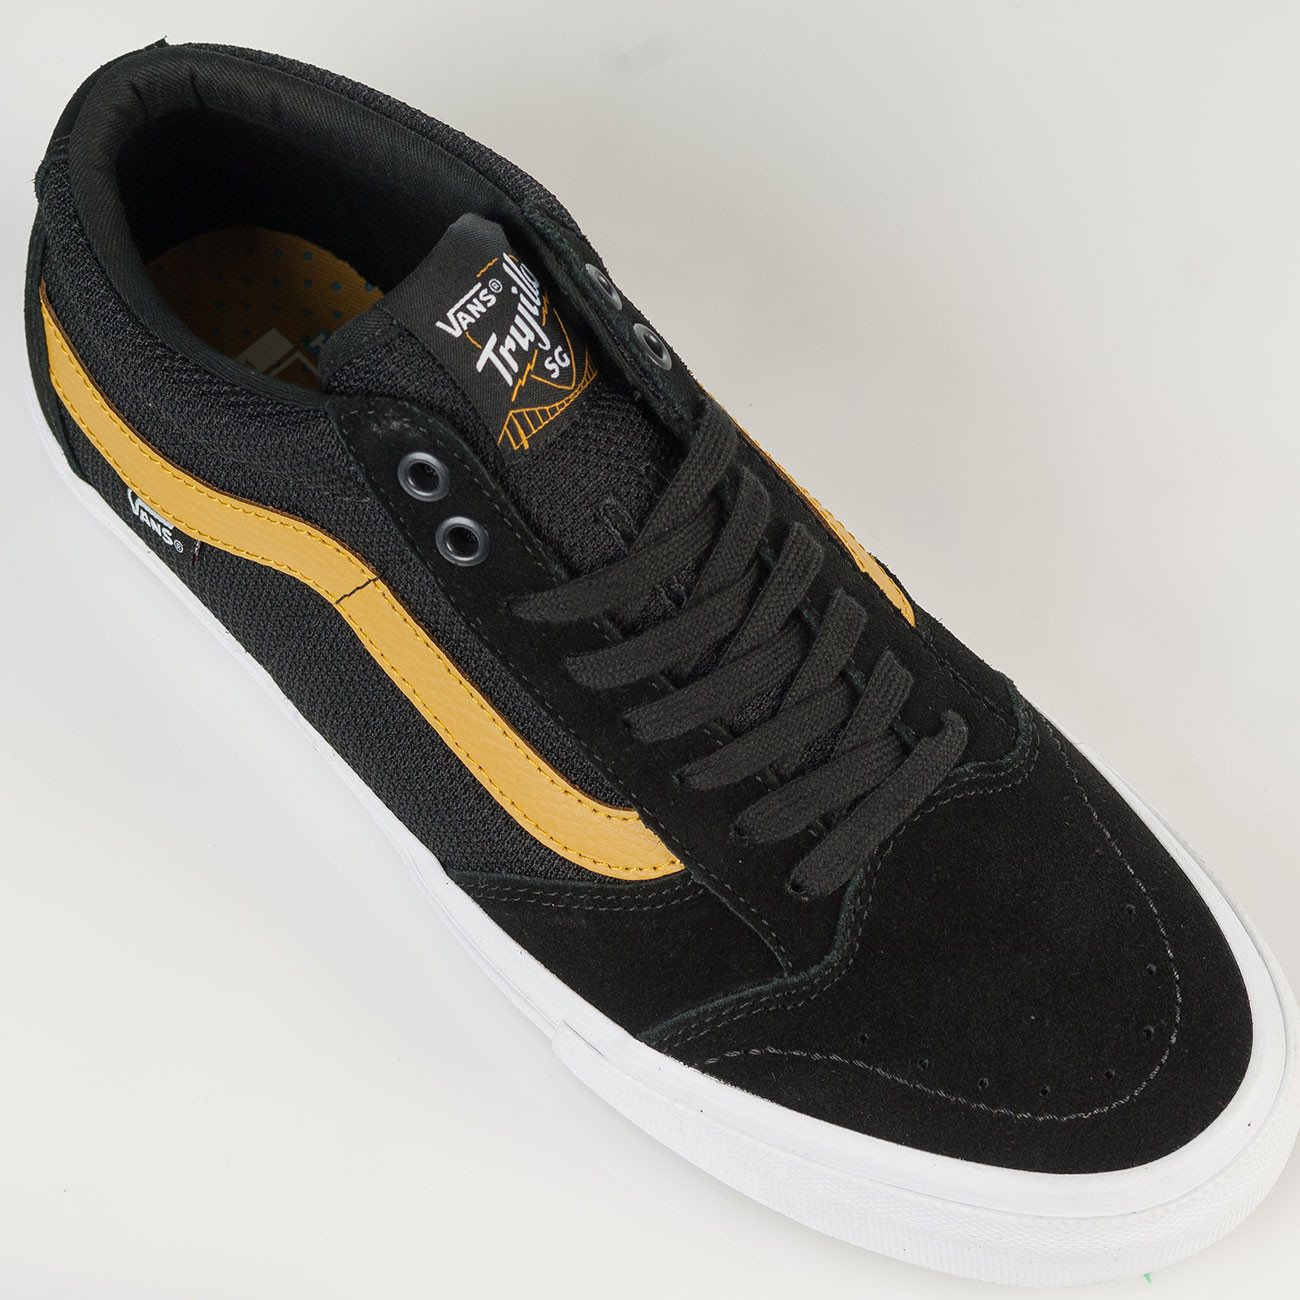 76d5e184da13 Sneakers Vans Tnt Sg black tawny